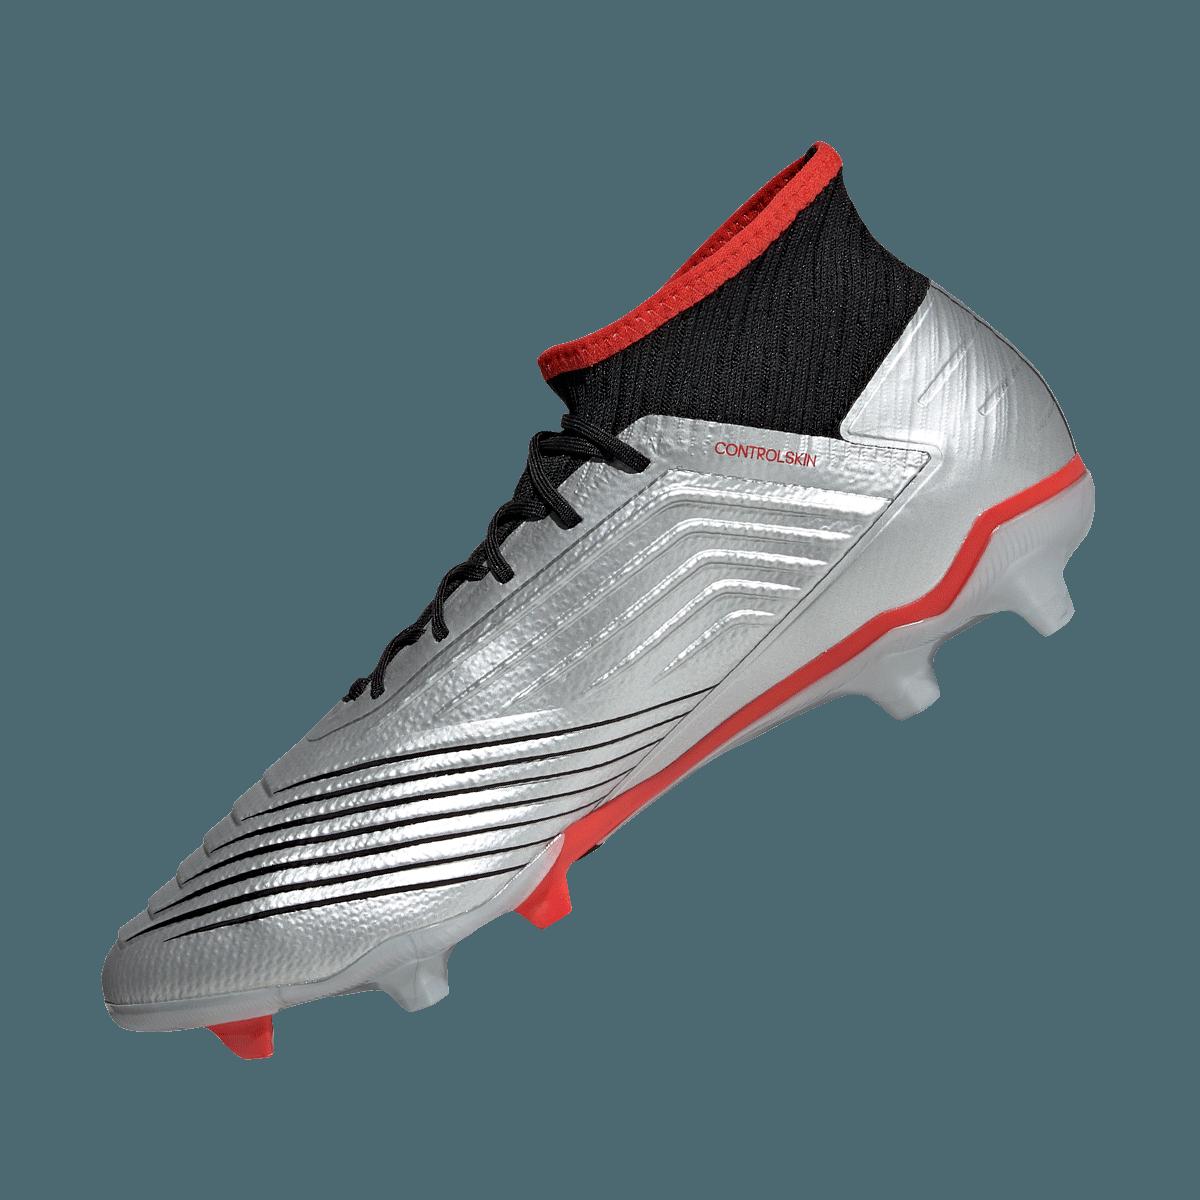 adidas voetbalschoenen Predator 19.2 FG zilverzwart